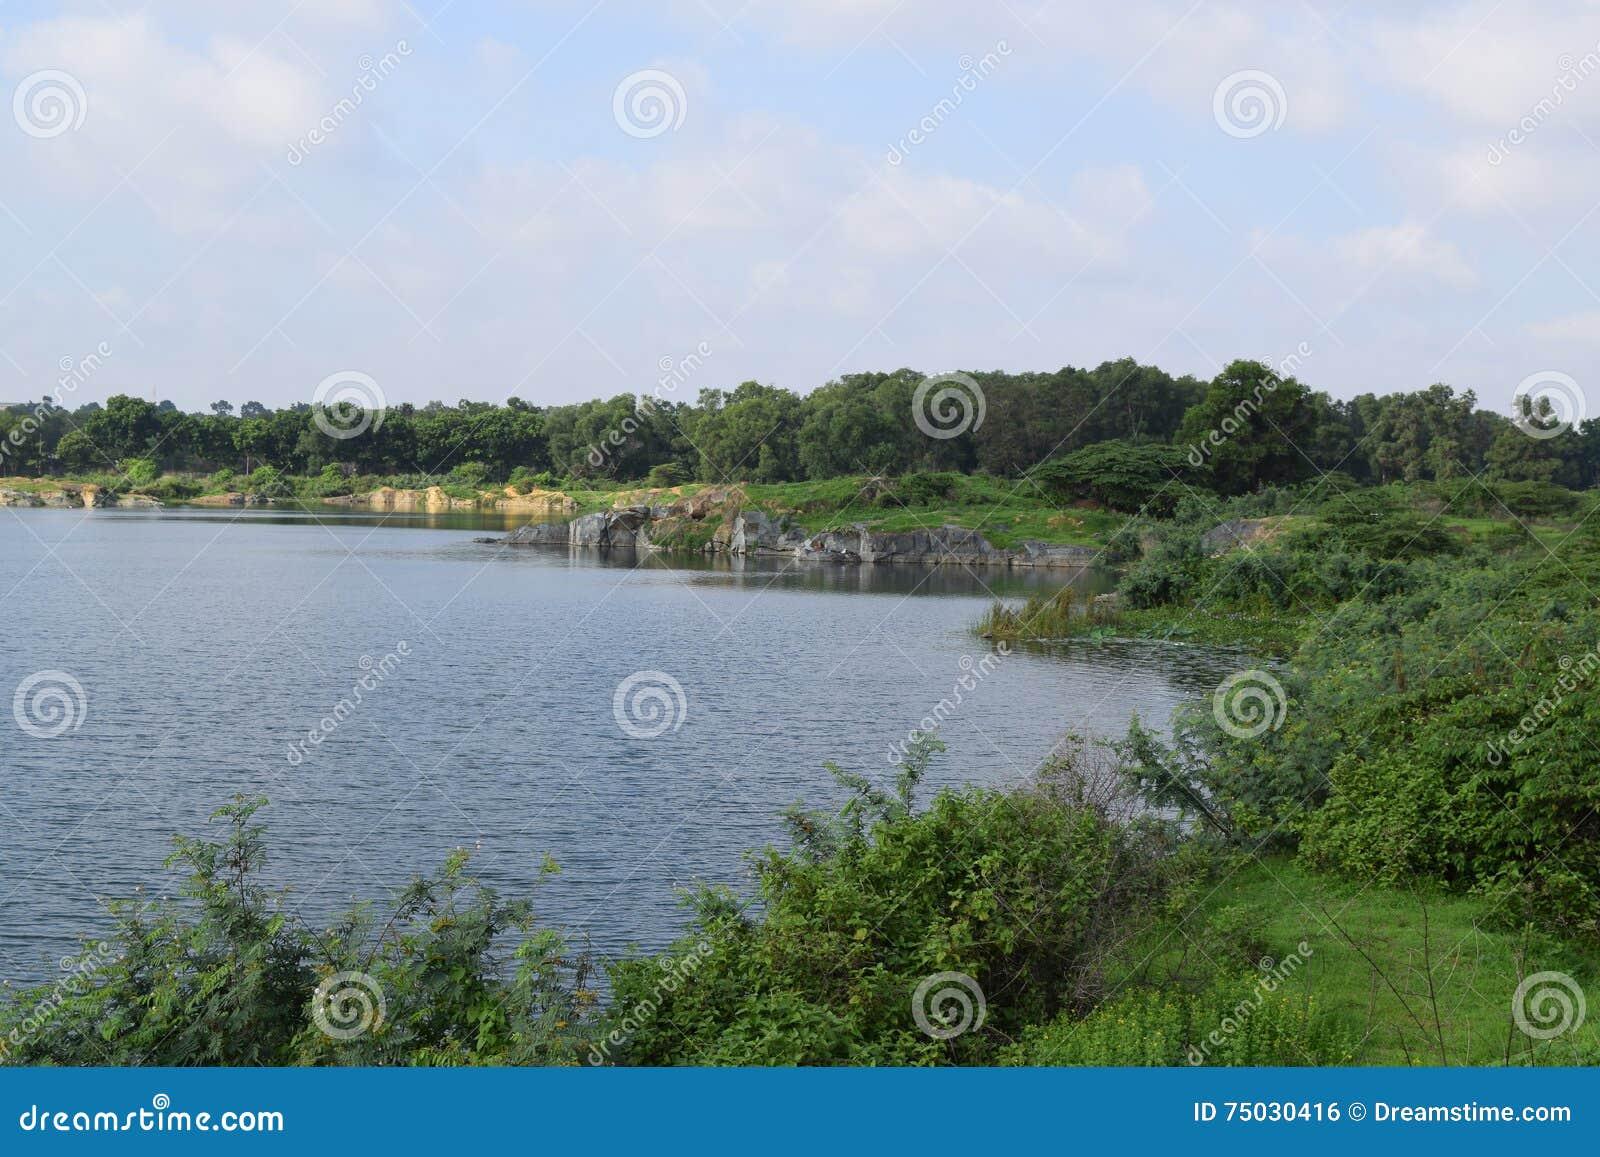 Felsiger See Mit Einigen Steinen Und Gras In Der Bank Stockfoto